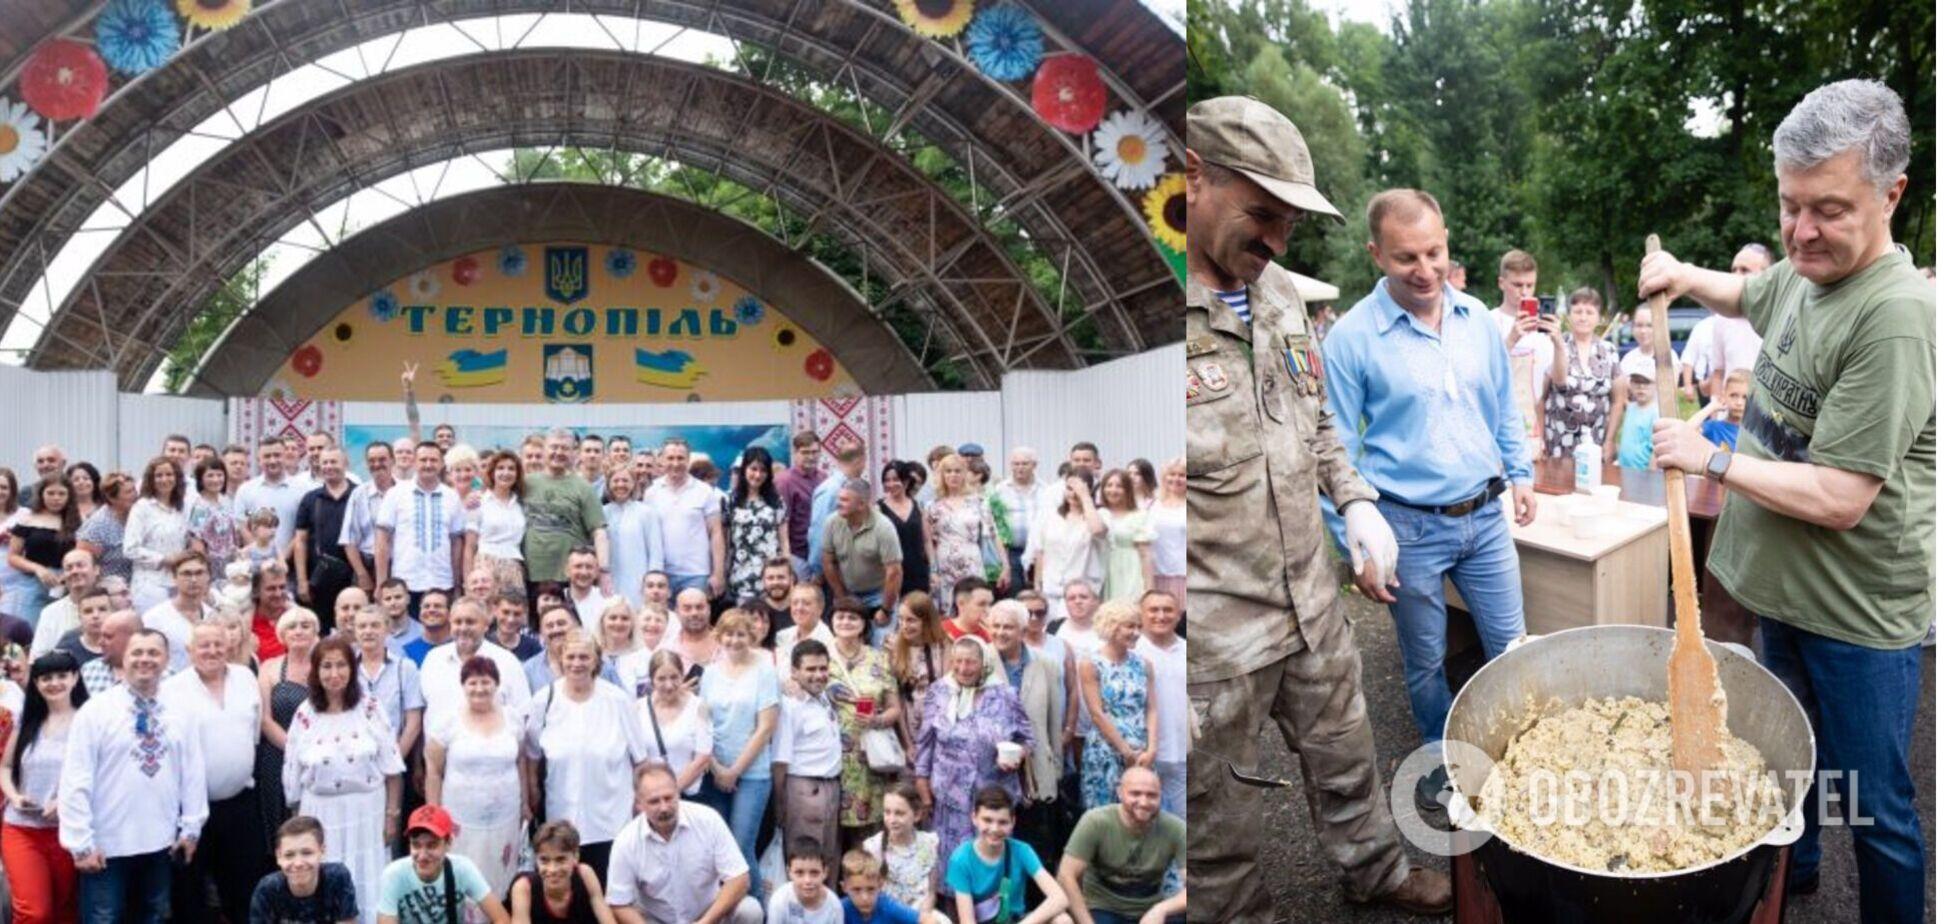 Порошенко в Тернополе на патриотическом Кулиш-фесте подарили футболку с особым содержанием. Фото